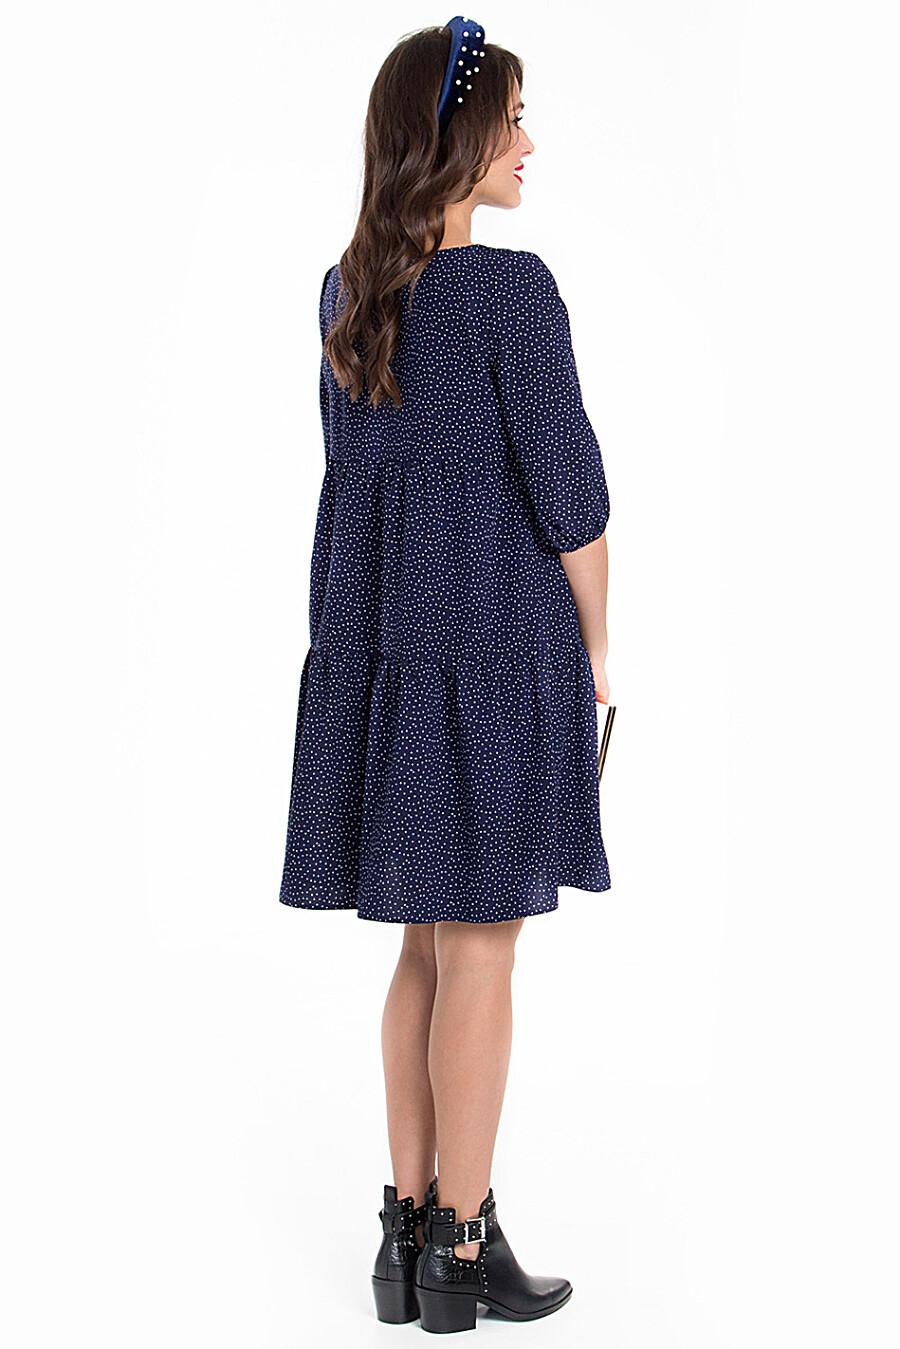 Платье LADY TAIGA (272234), купить в Moyo.moda